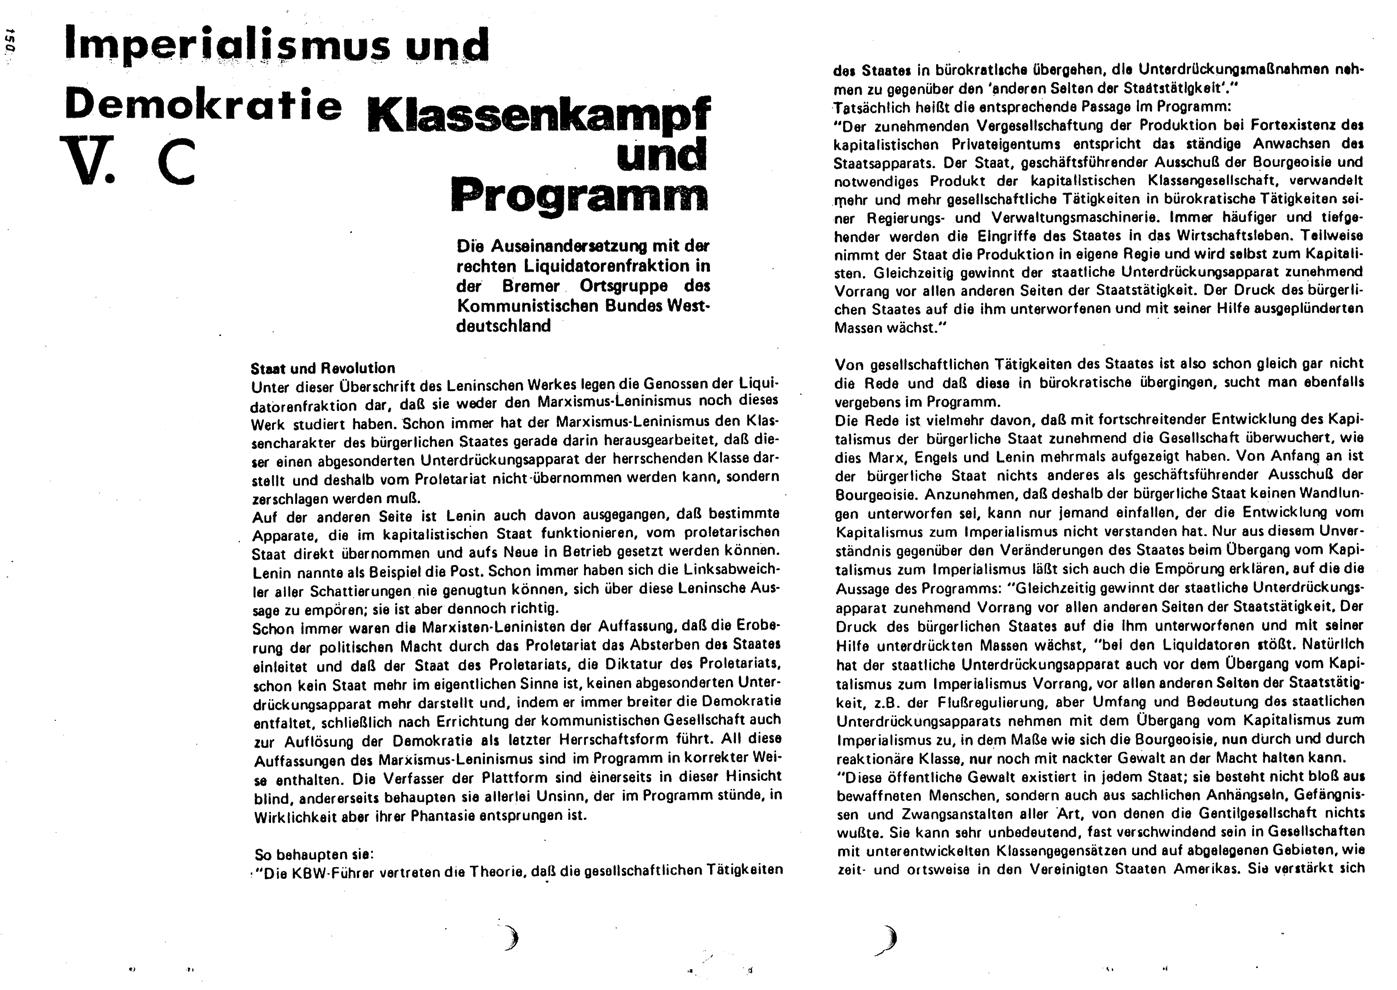 KABRW_Arbeitshefte_1978_31_030